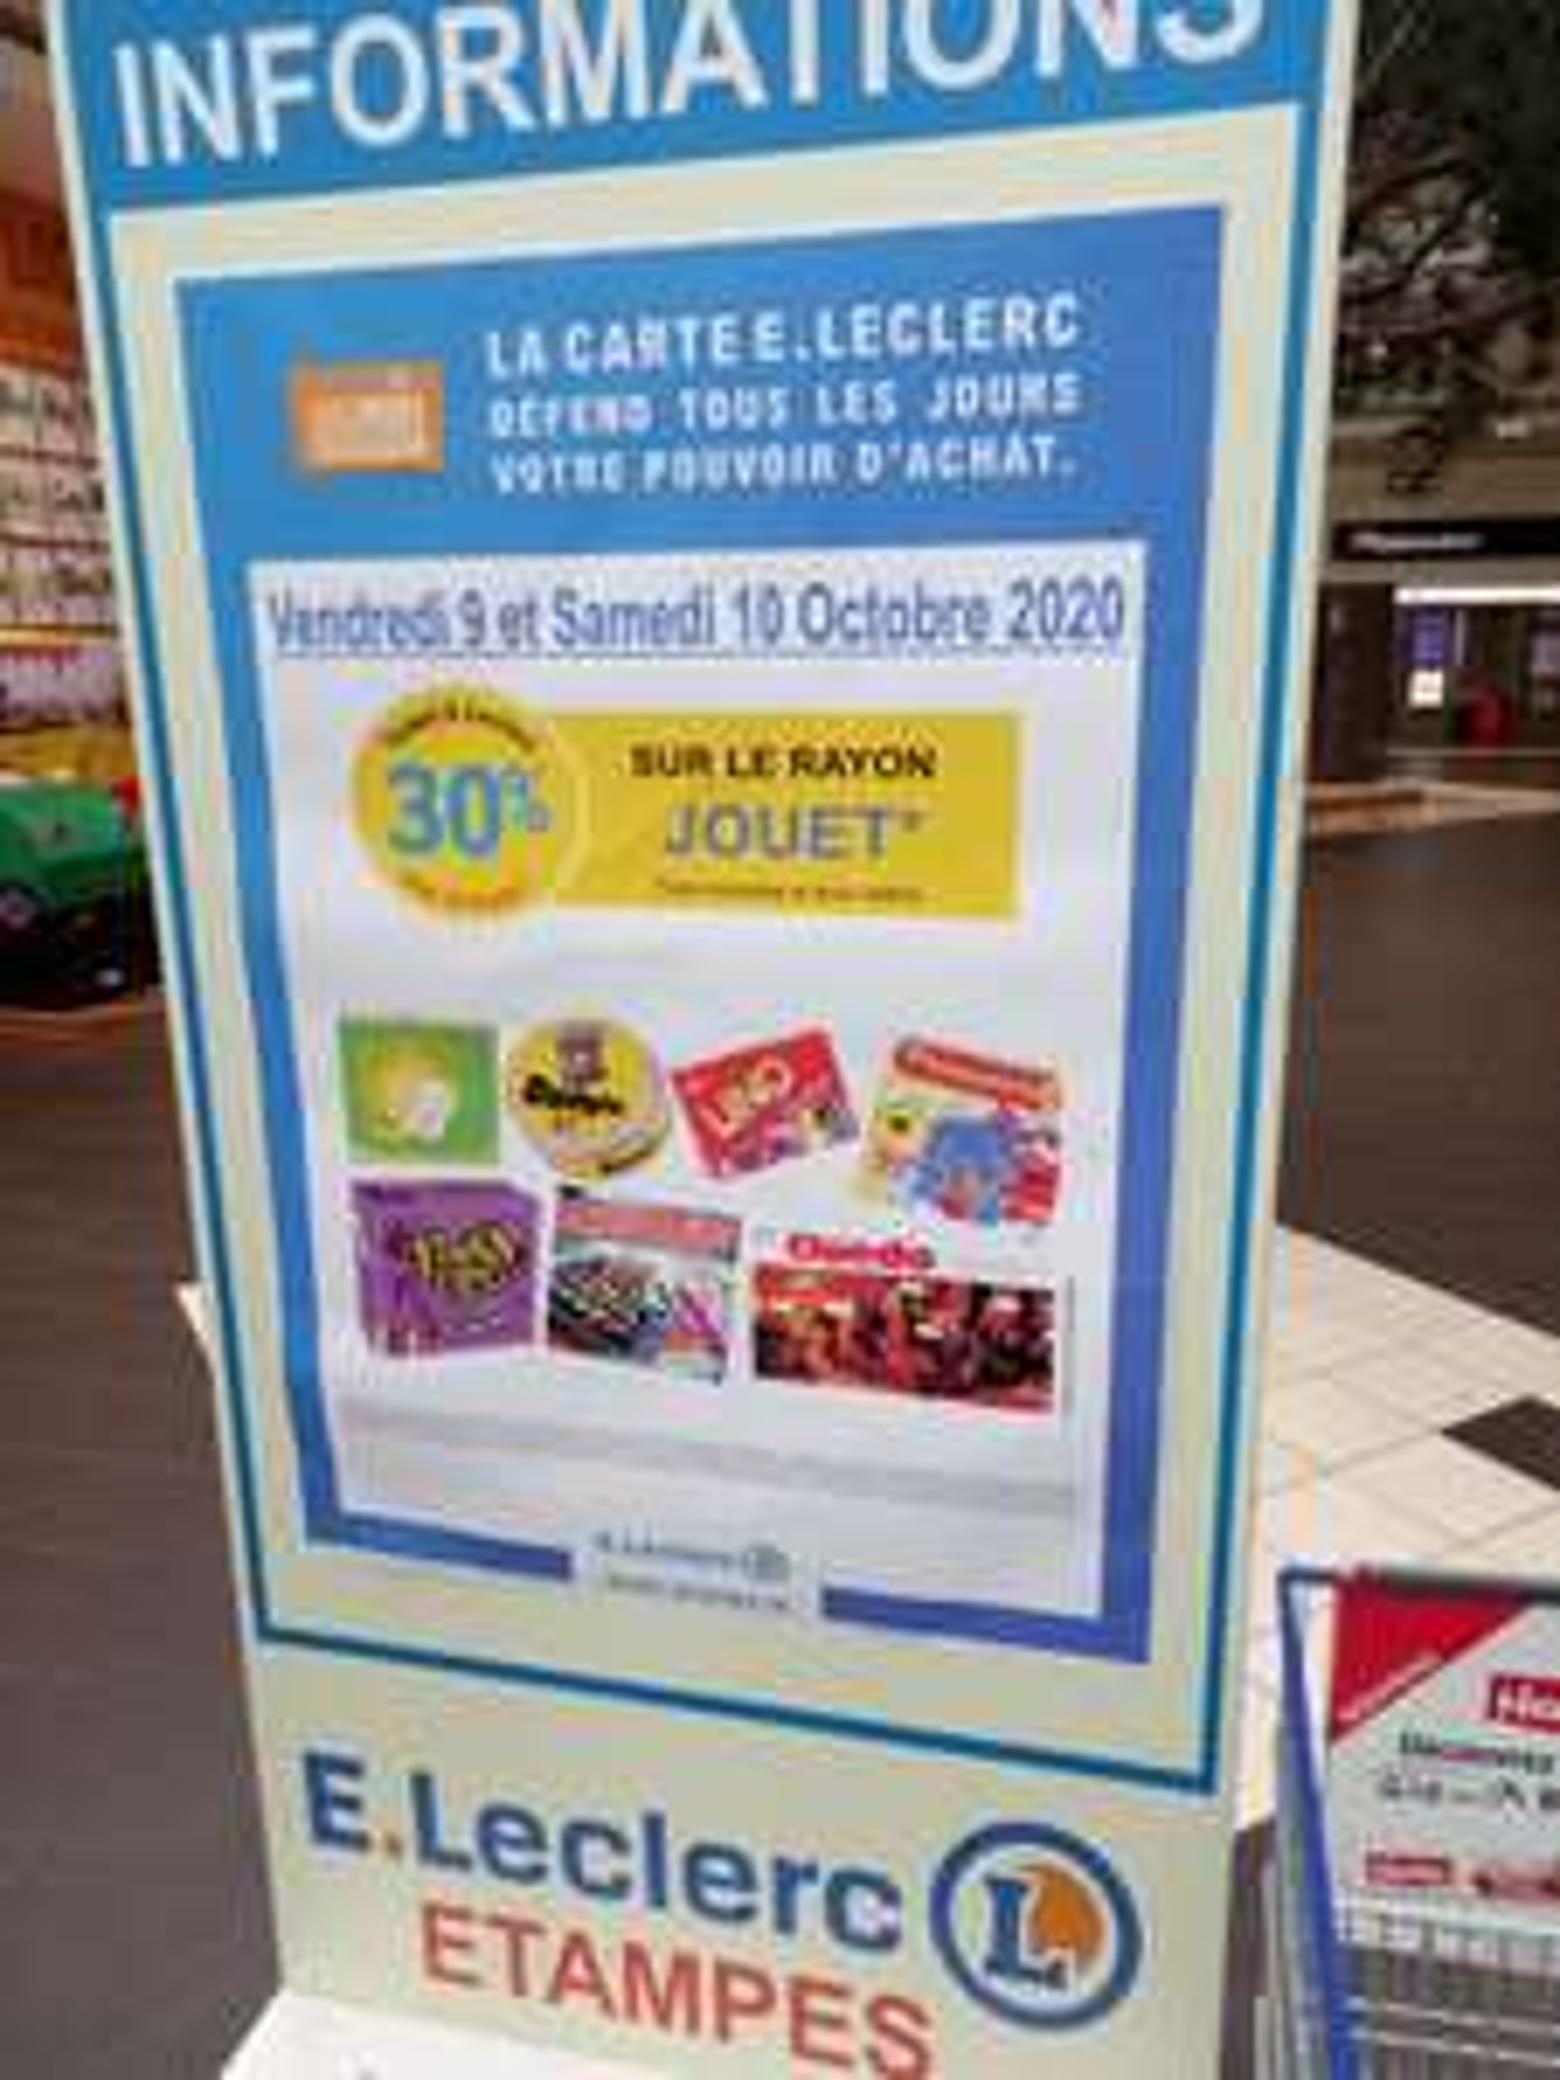 30% crédité sur la carte sur tout le rayon jouet - Leclerc d'Étampes (91)